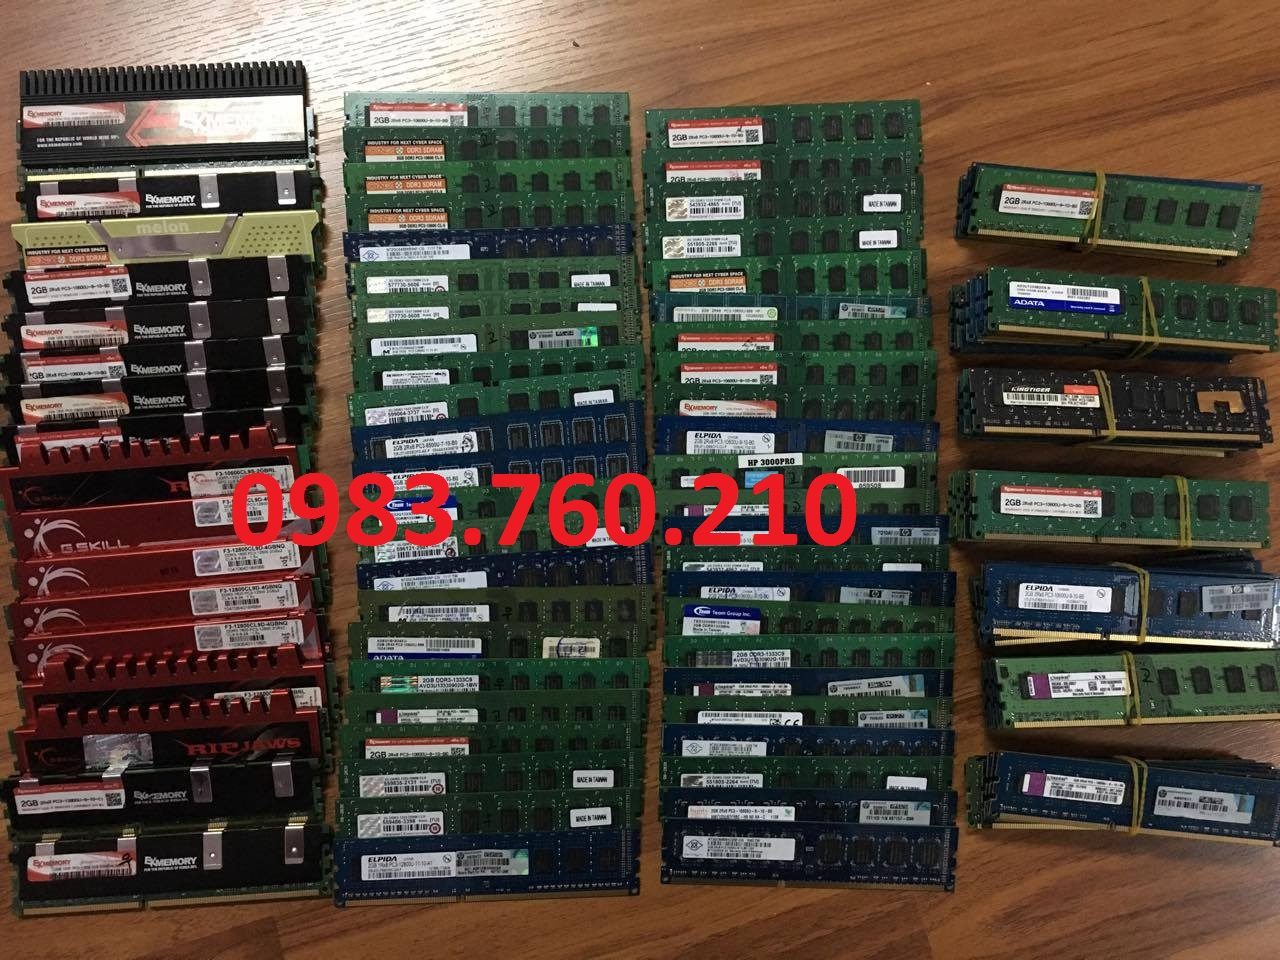 244 TRUNG LỰC: Bán Case,P31.P35.G41.P43.P45.H55.H61.H67.B75.H81.B85.AM3,CPU,Ram,Ổ cứng,Ổ DVD,LCD,VGA